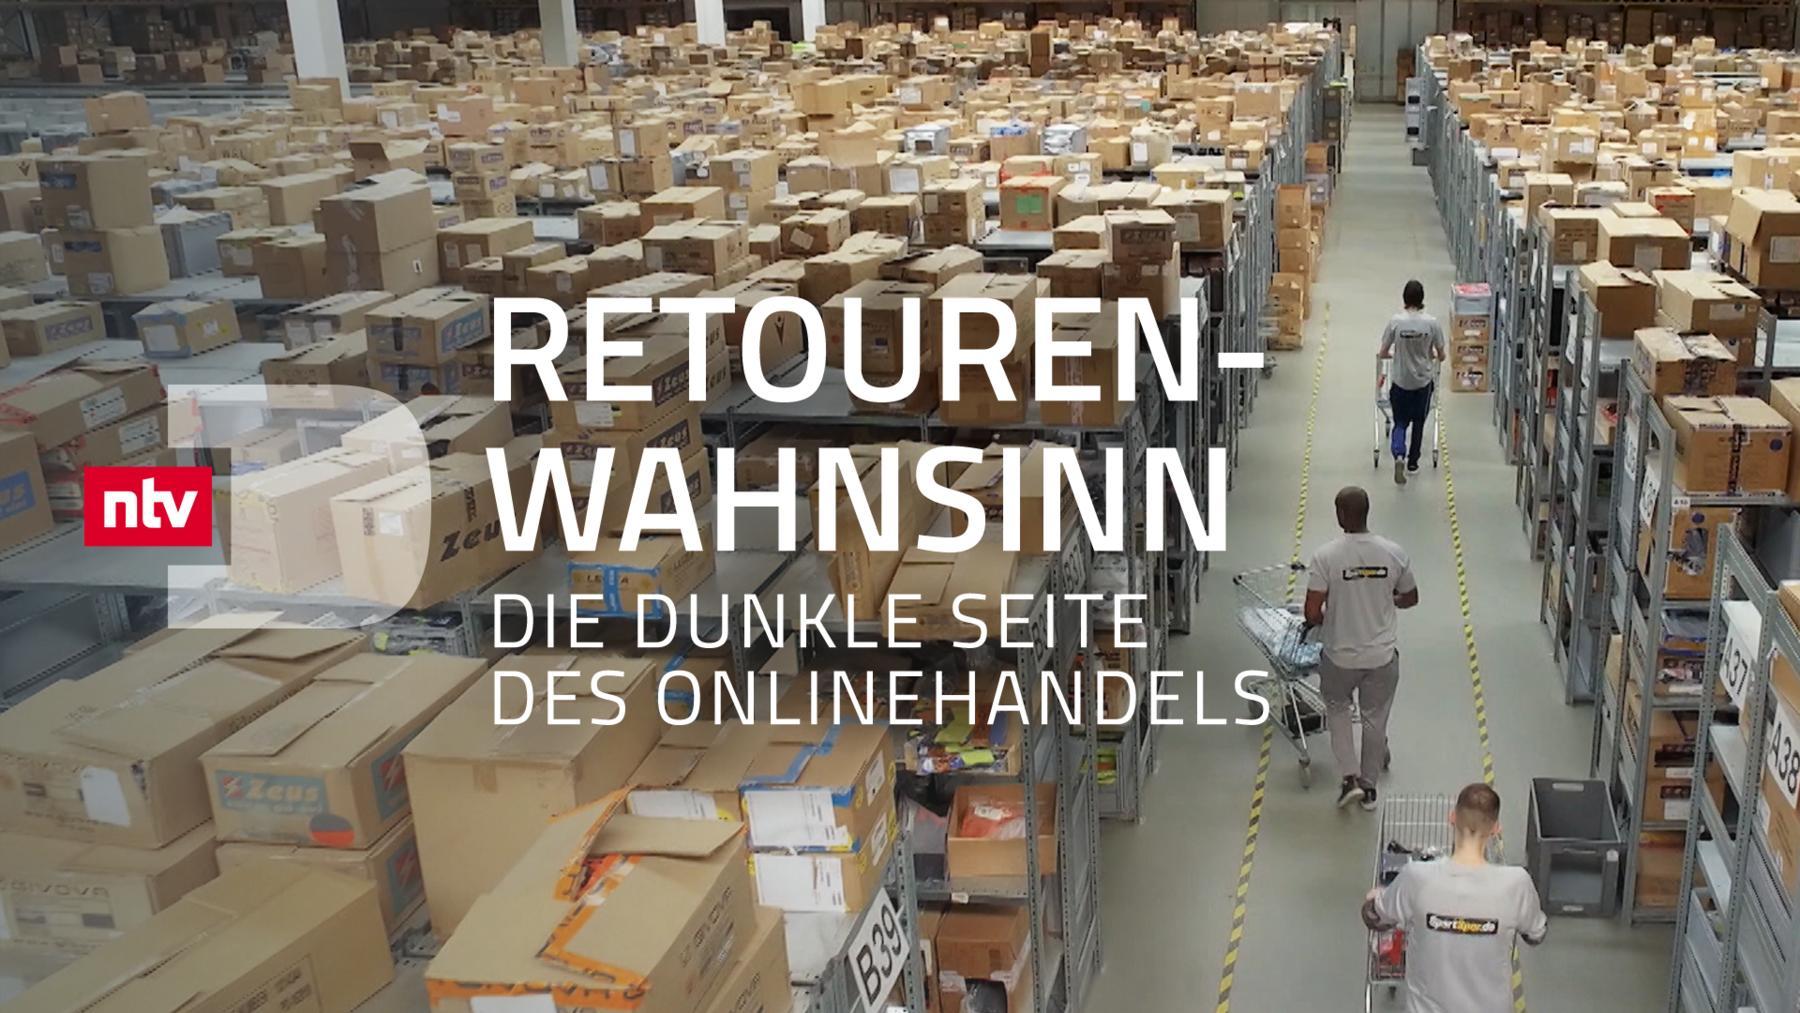 Retouren-Wahnsinn - Die dunkle Seite des Onlinehandels